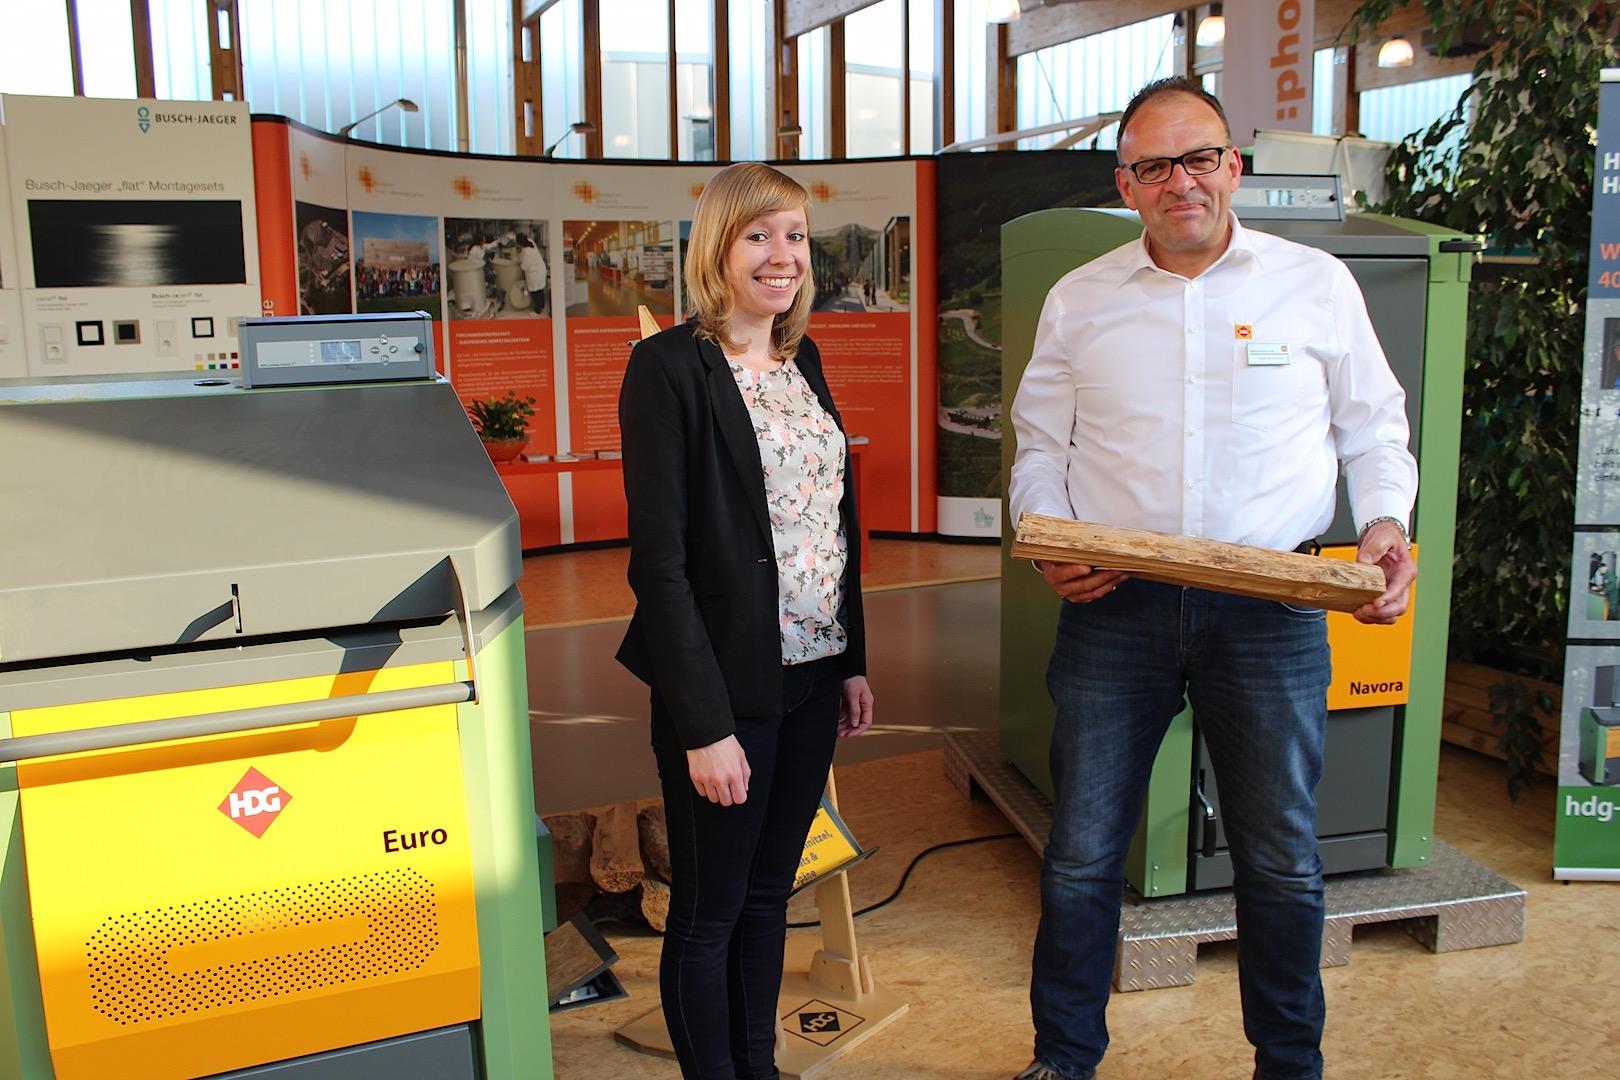 Holzpellets und Holzheizungen: Kathrin Diesel (links, Aktion Holzpellets) und Hubertus Schulte (rechts, HDG Bavaria GmbH Heizungshersteller).